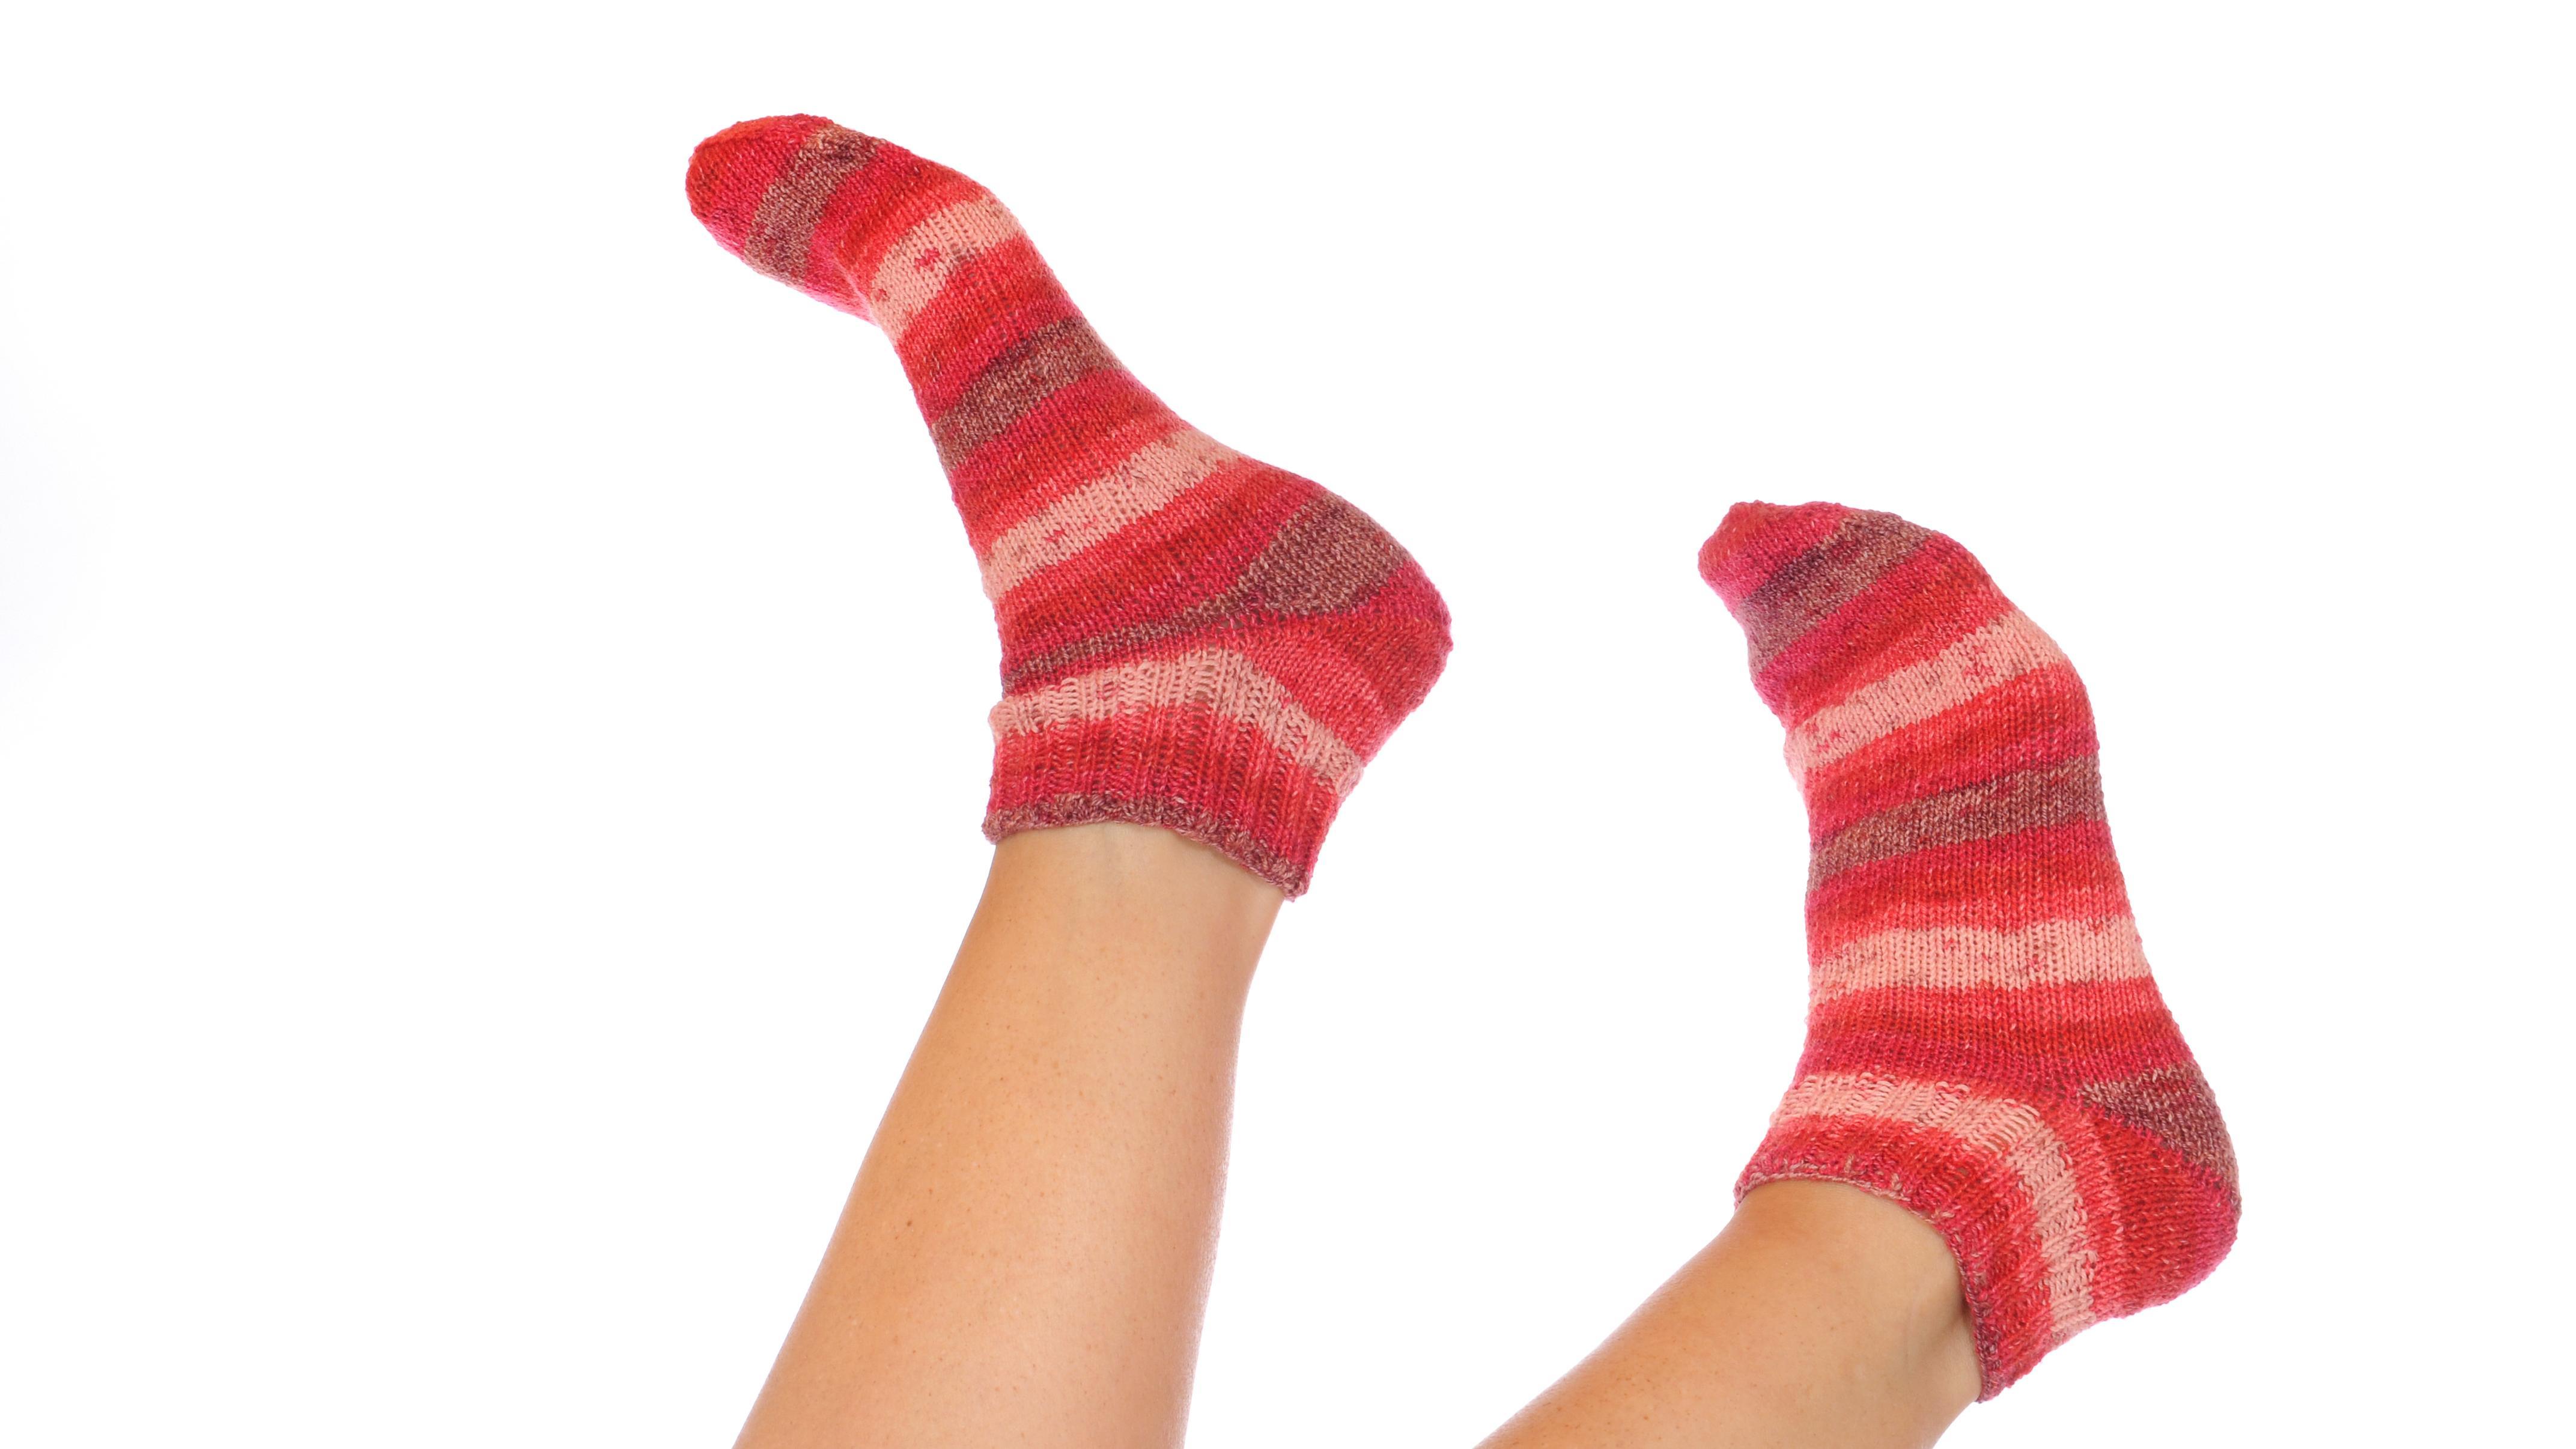 Hausmittel gegen kalte Füße: Mit diesen Tipps bekommen Sie die Füße warm